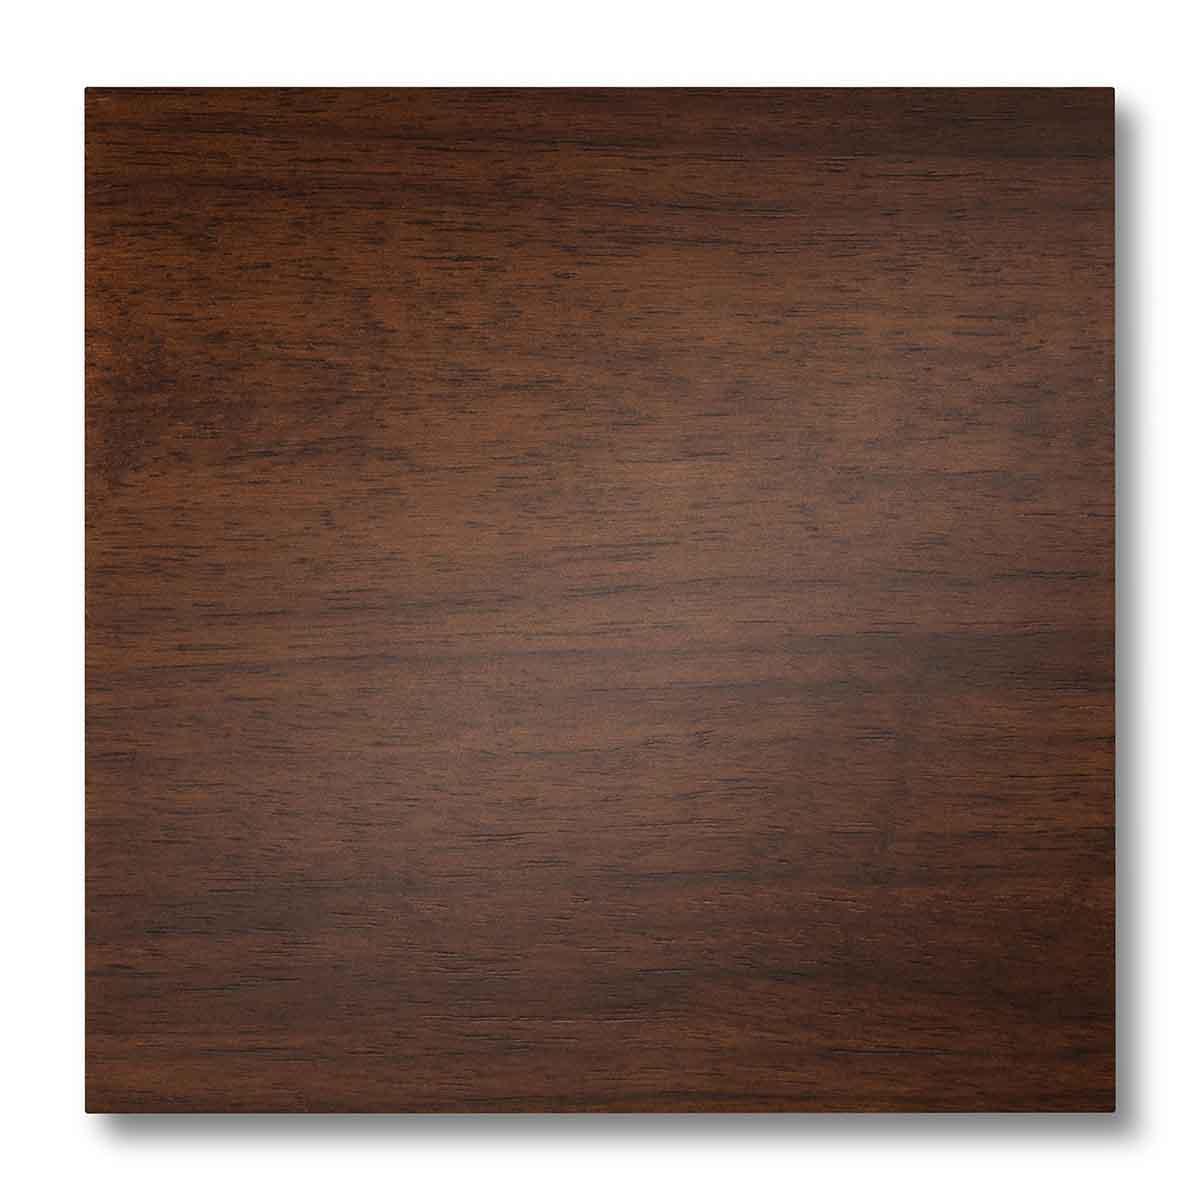 Pannellino di legno dipinto con effetto luminescente colore naturale su tanganica